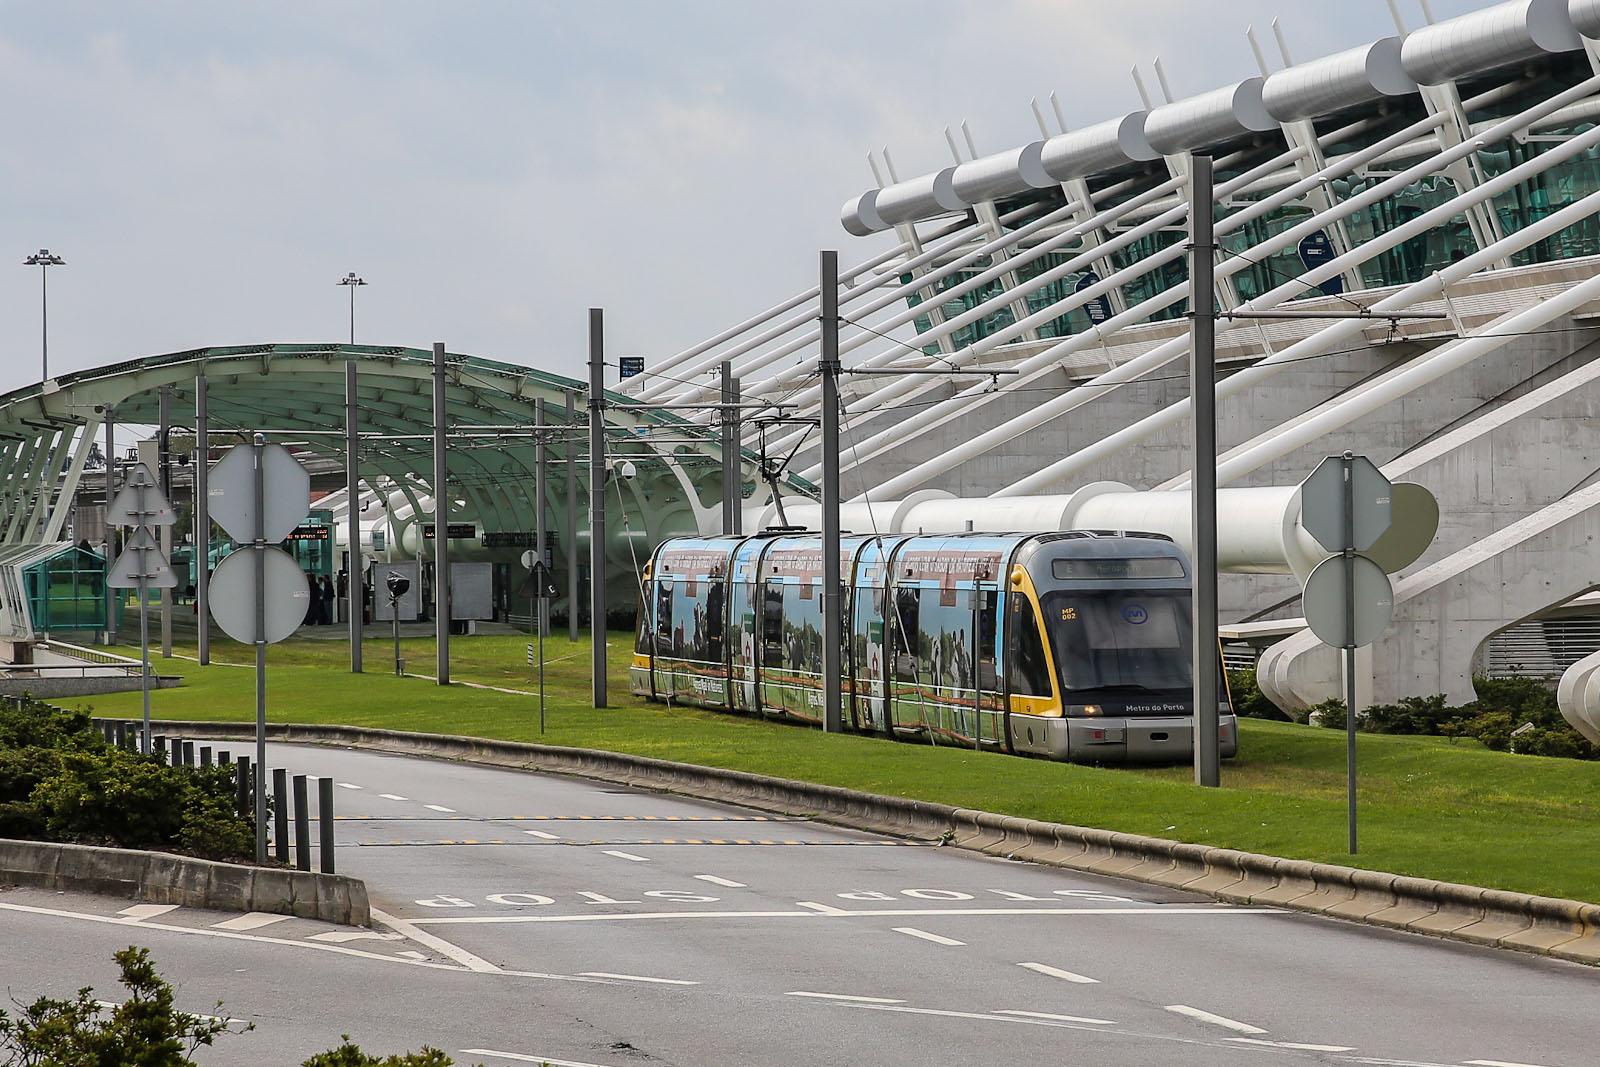 Трамвай из города Порту в аэропорт на остановке рядом с аэровокзалом